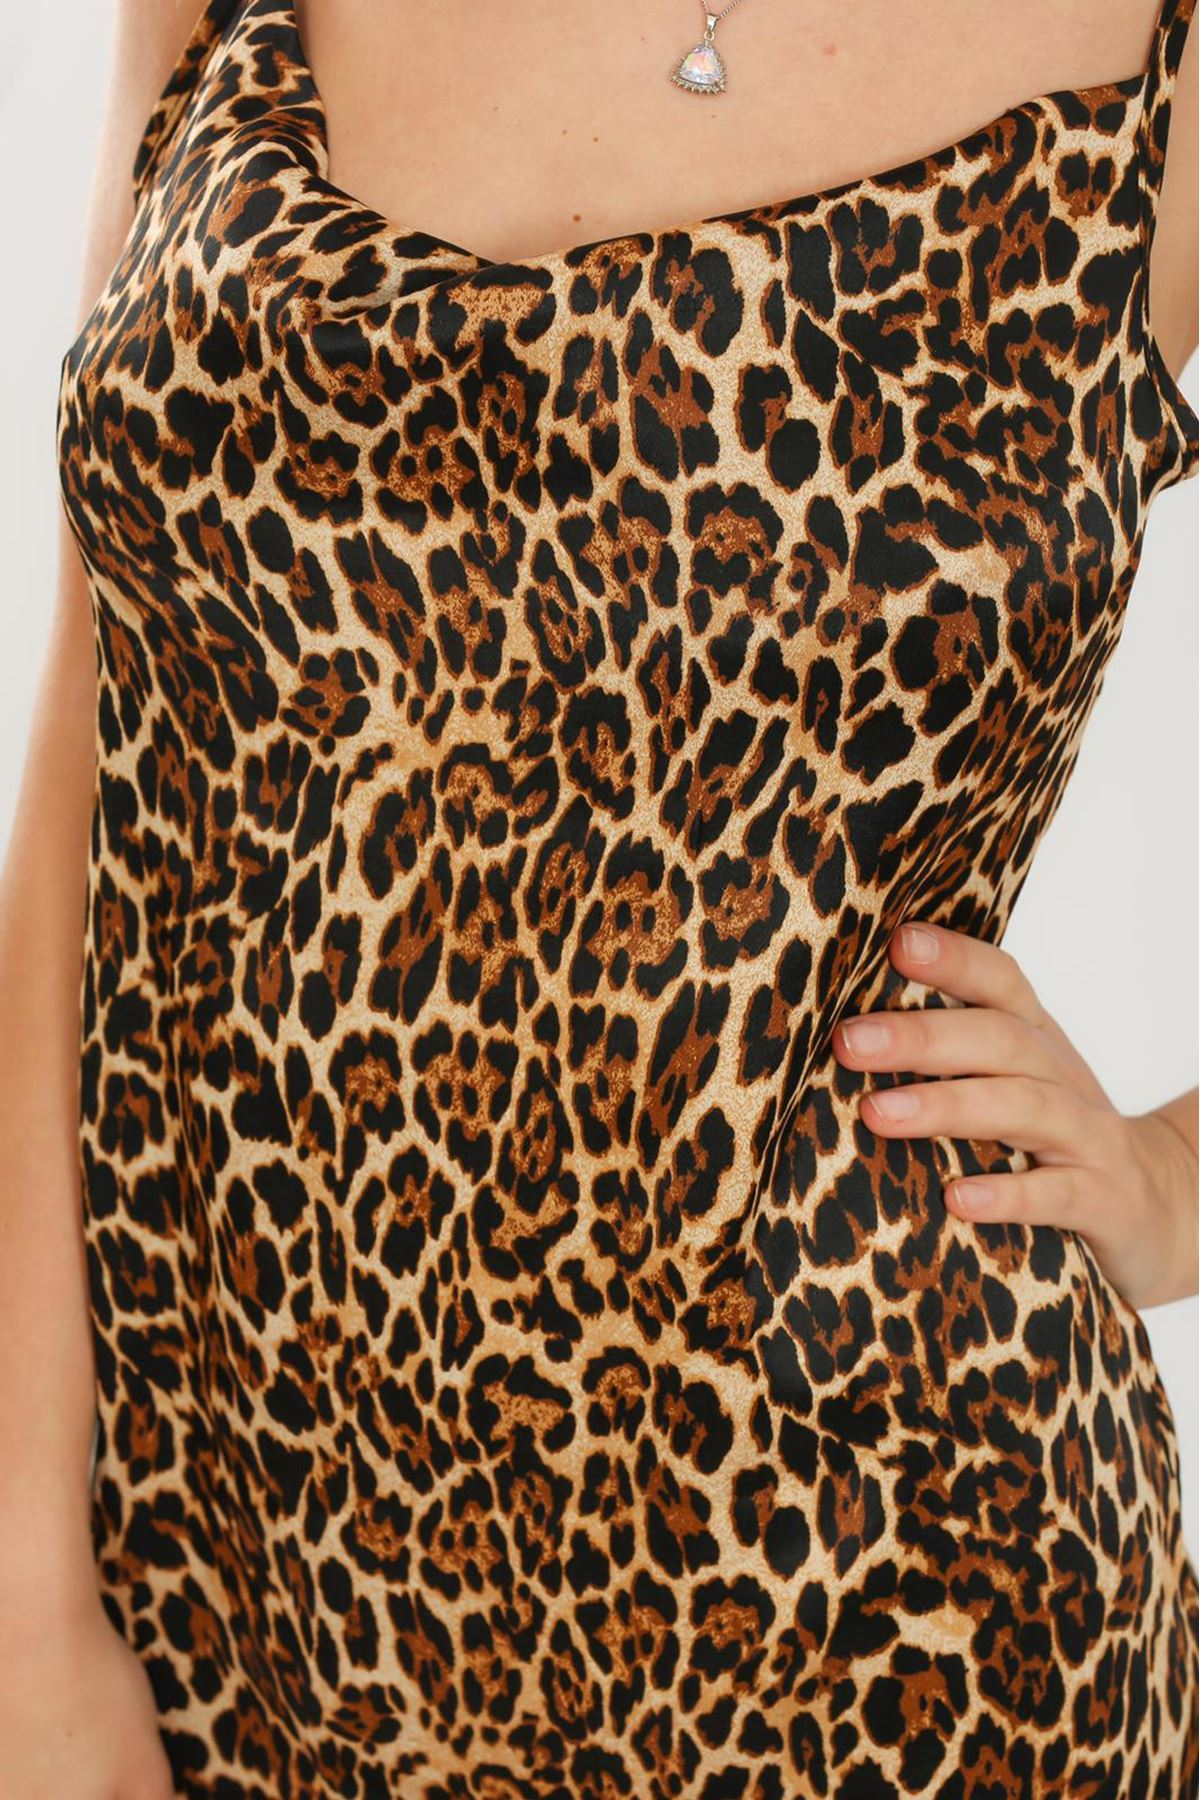 Leopar Desen Askılı Elbise - LEOPAR